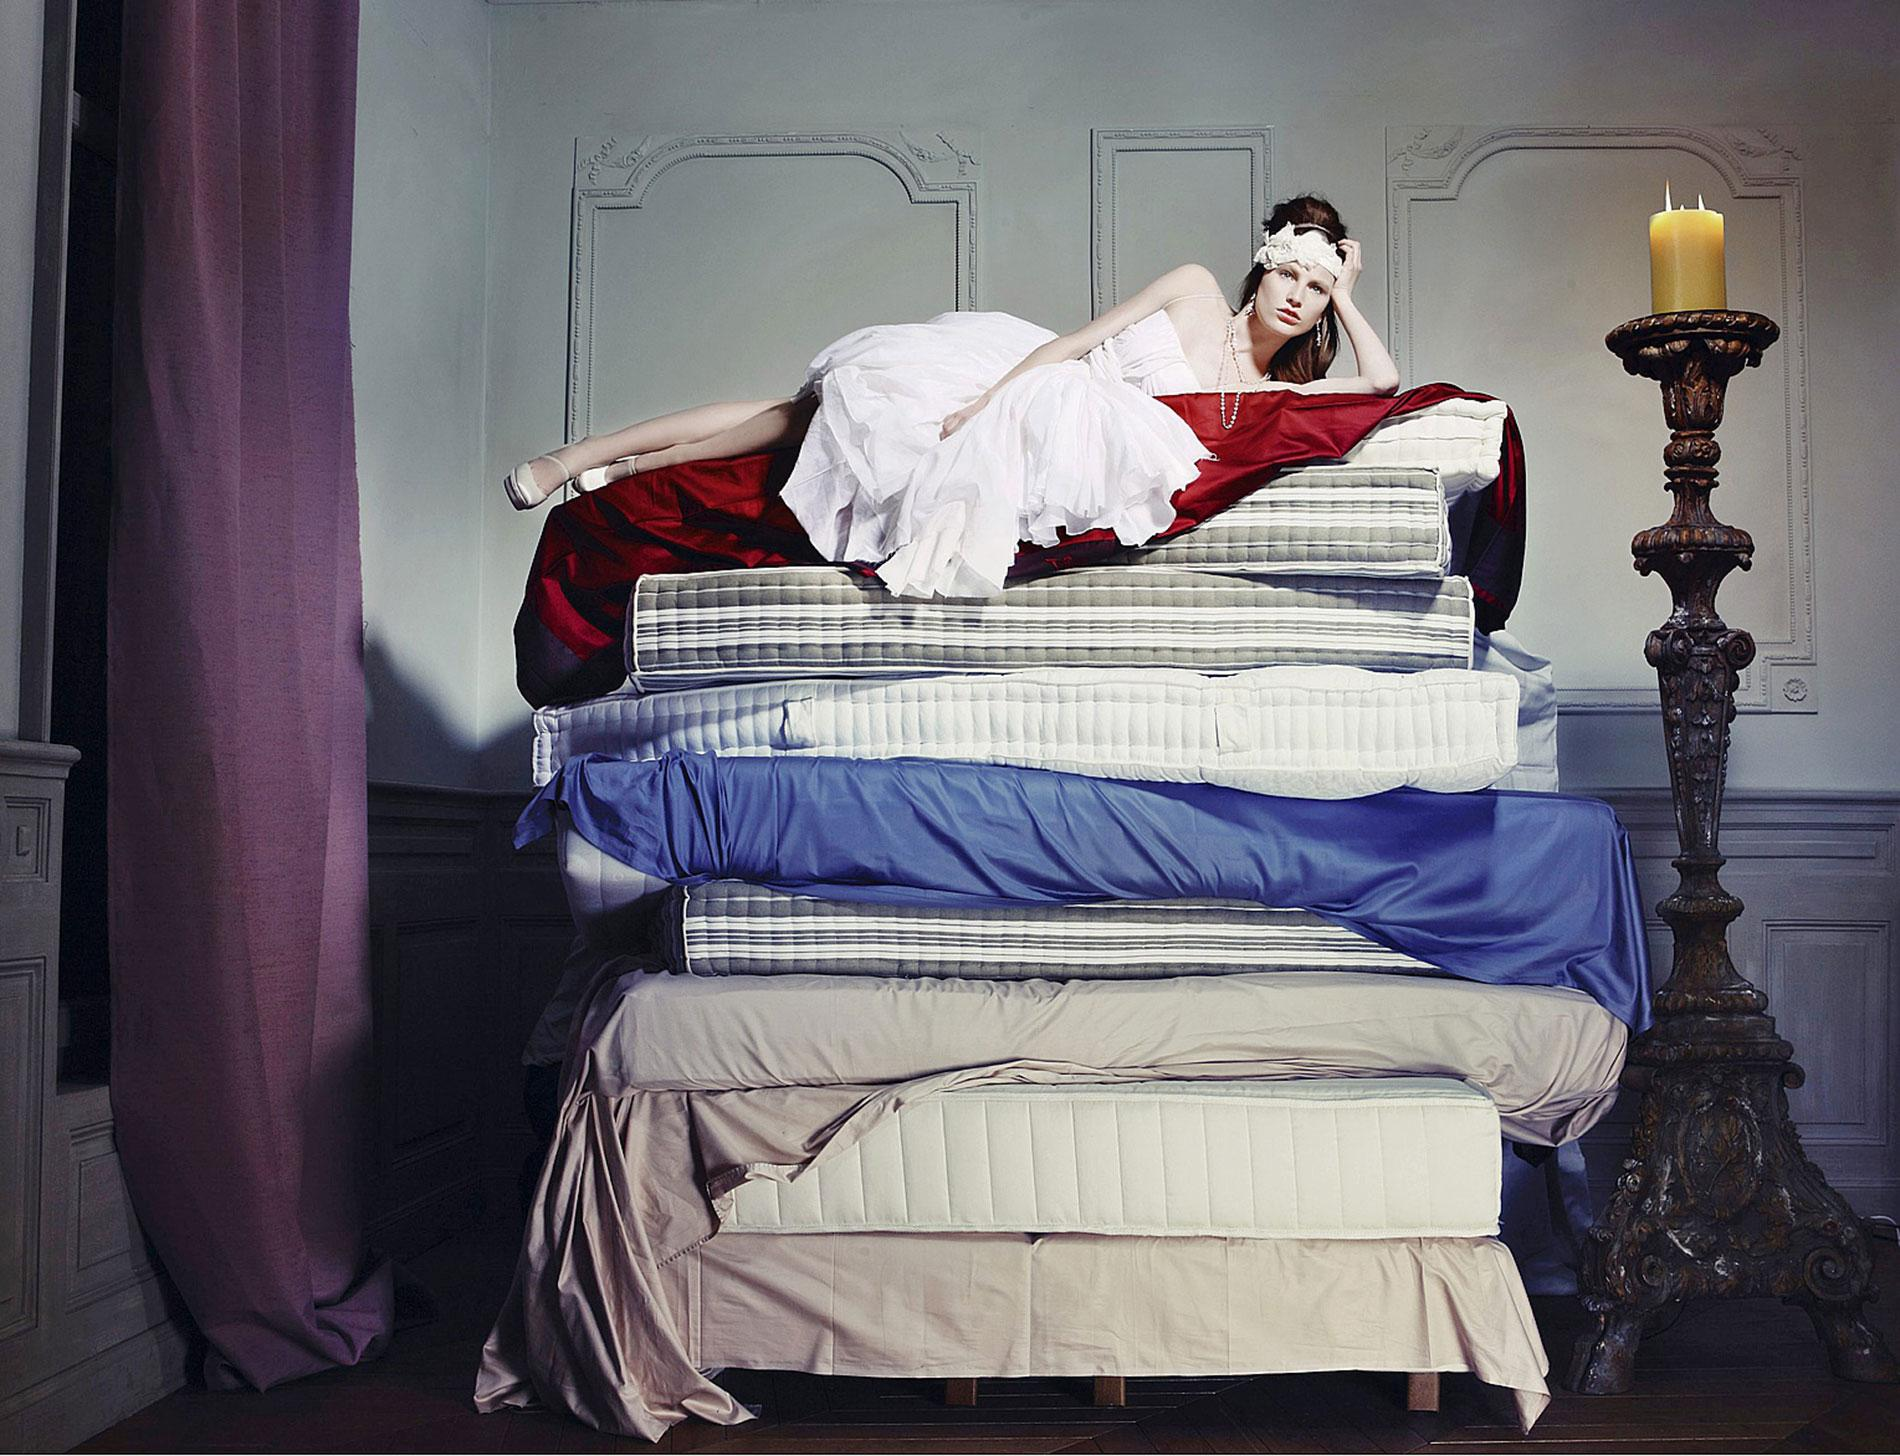 matelas conseils fabulous conseils pour gonfler et dgonfler un matelas dappoint with matelas. Black Bedroom Furniture Sets. Home Design Ideas